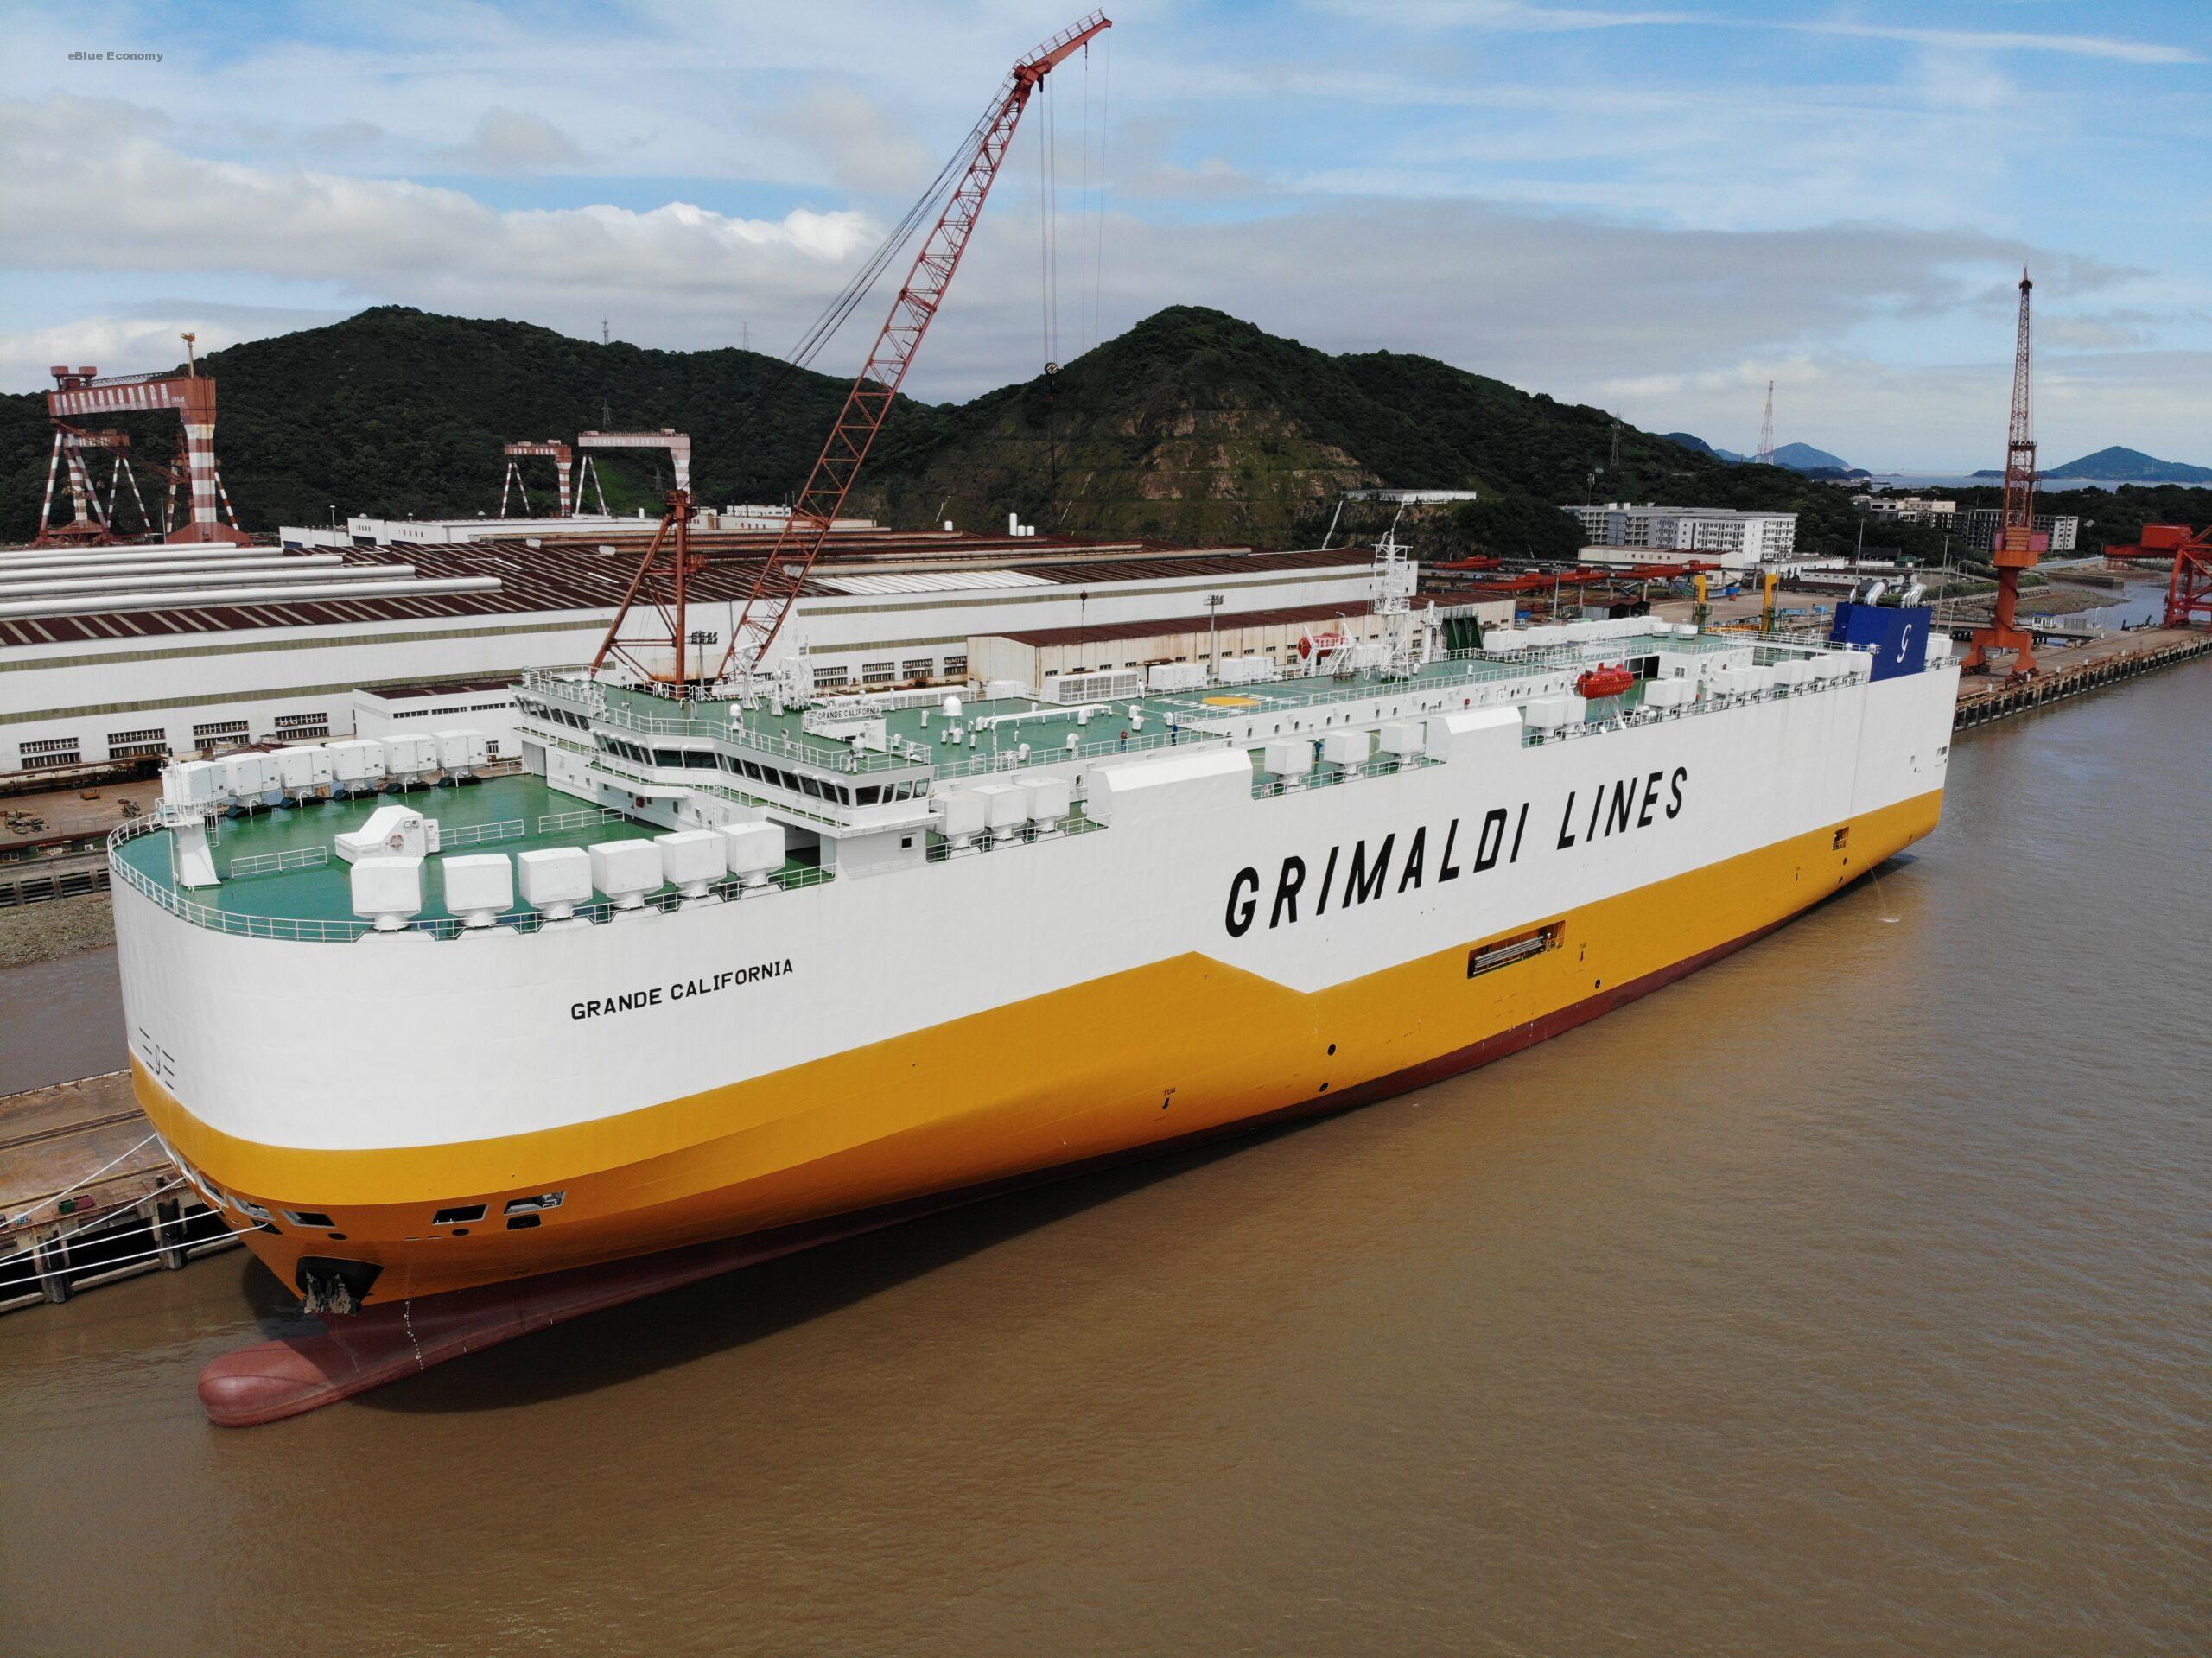 eBlue_economy_The Grimaldi Group takes delivery of Grande California